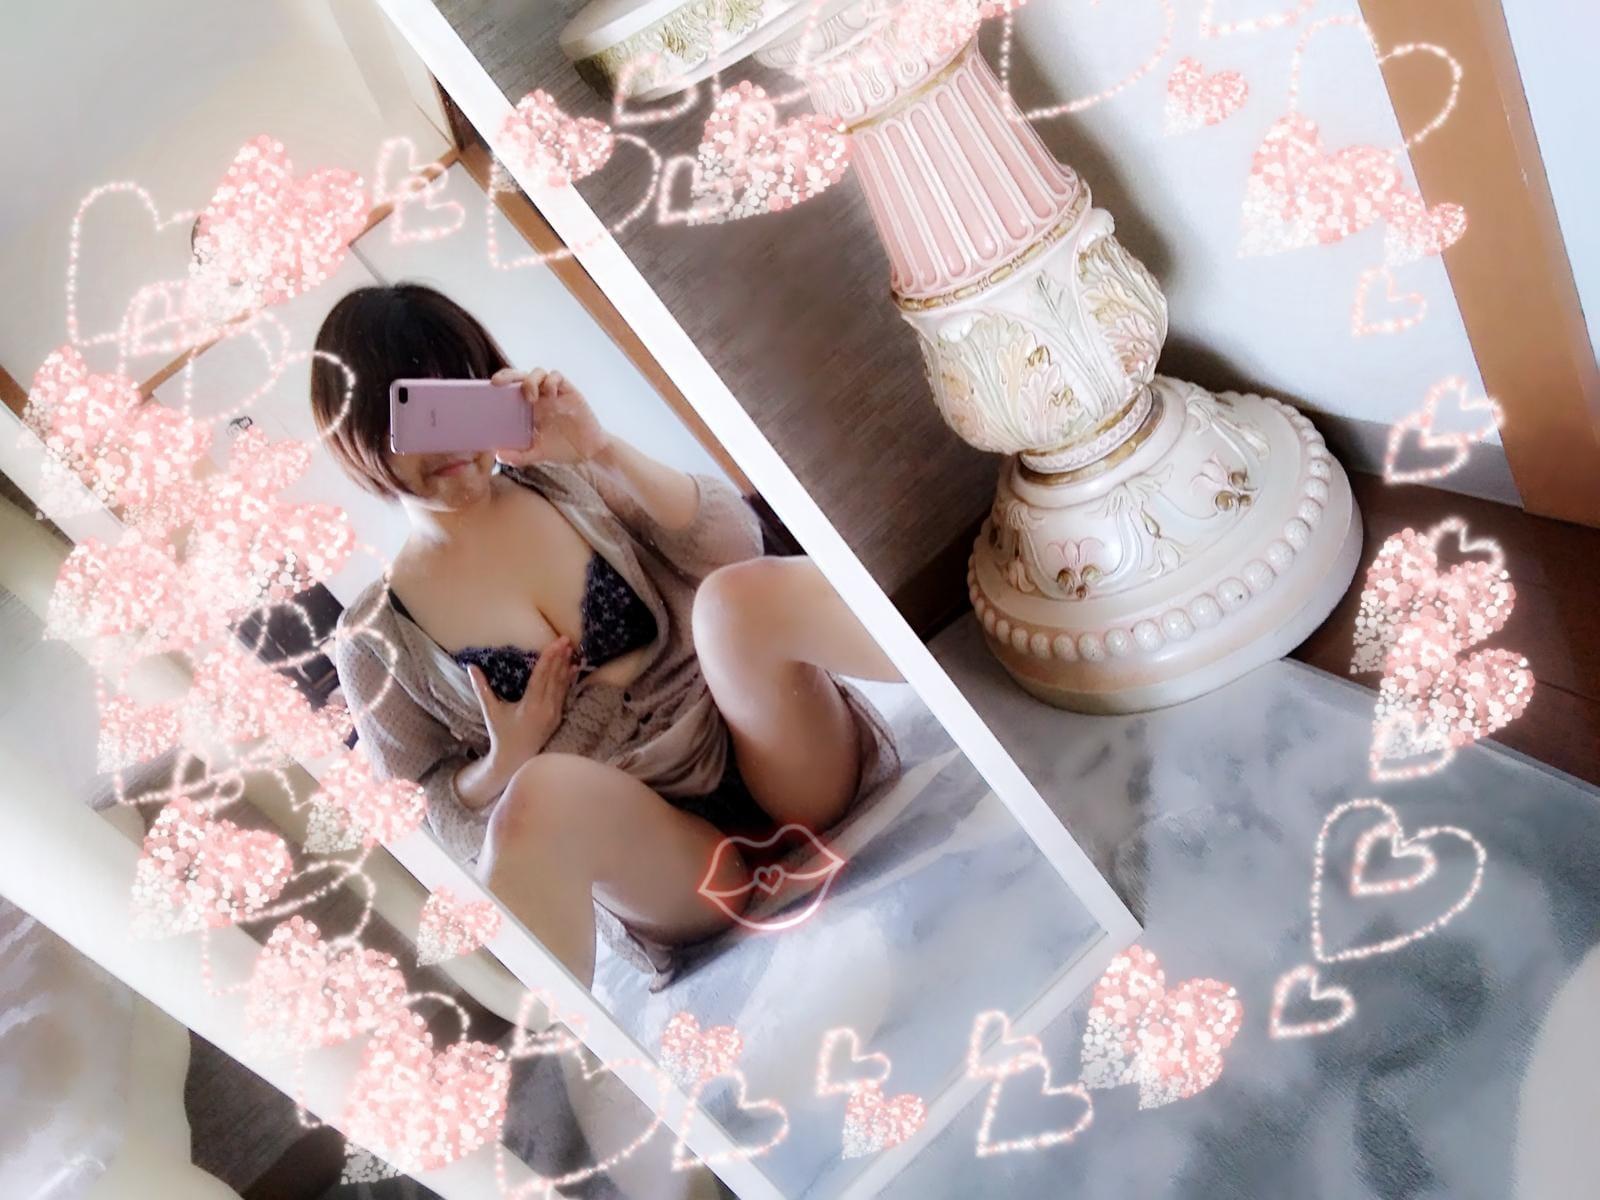 「お礼♪」08/15(水) 14:58 | ゆうかの写メ・風俗動画